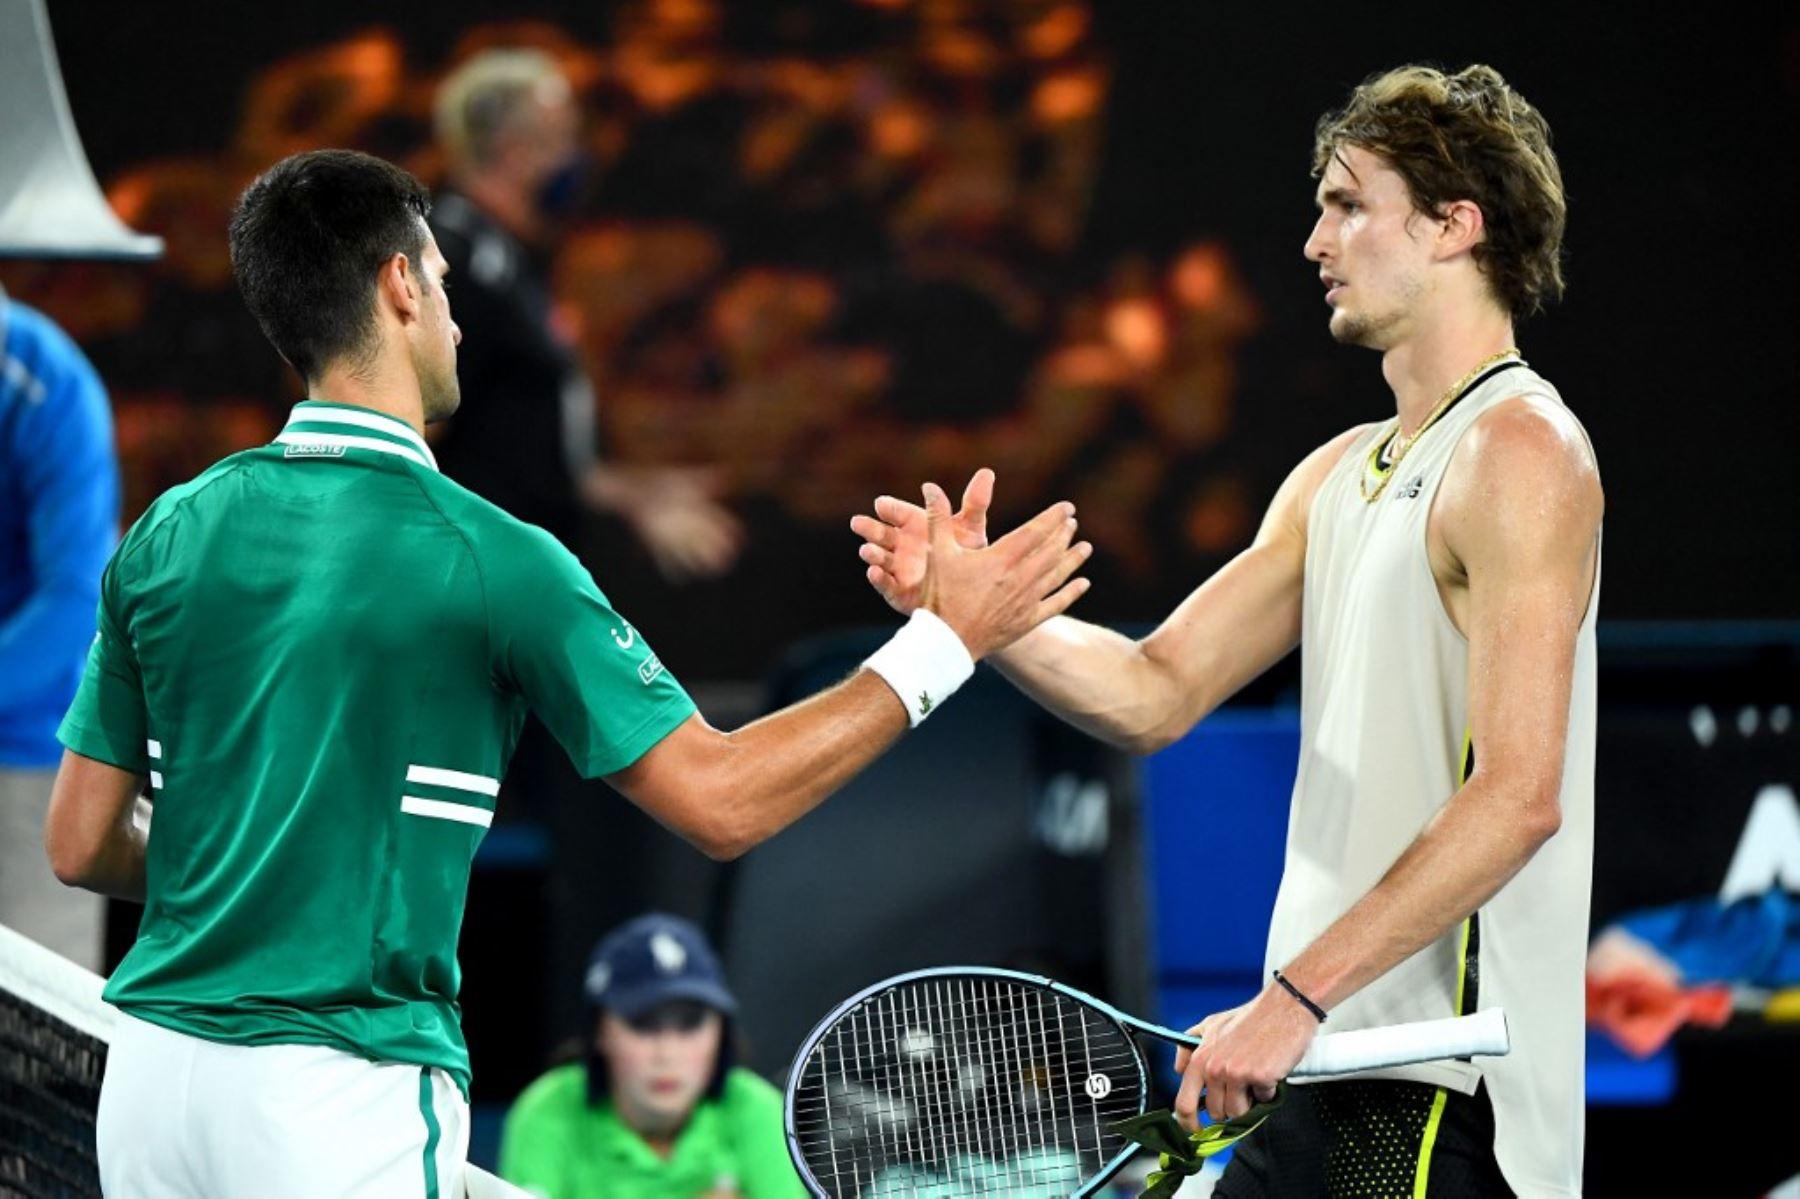 Djokovic tendrá a un oponente complicado como Zverev en los cuartos de final